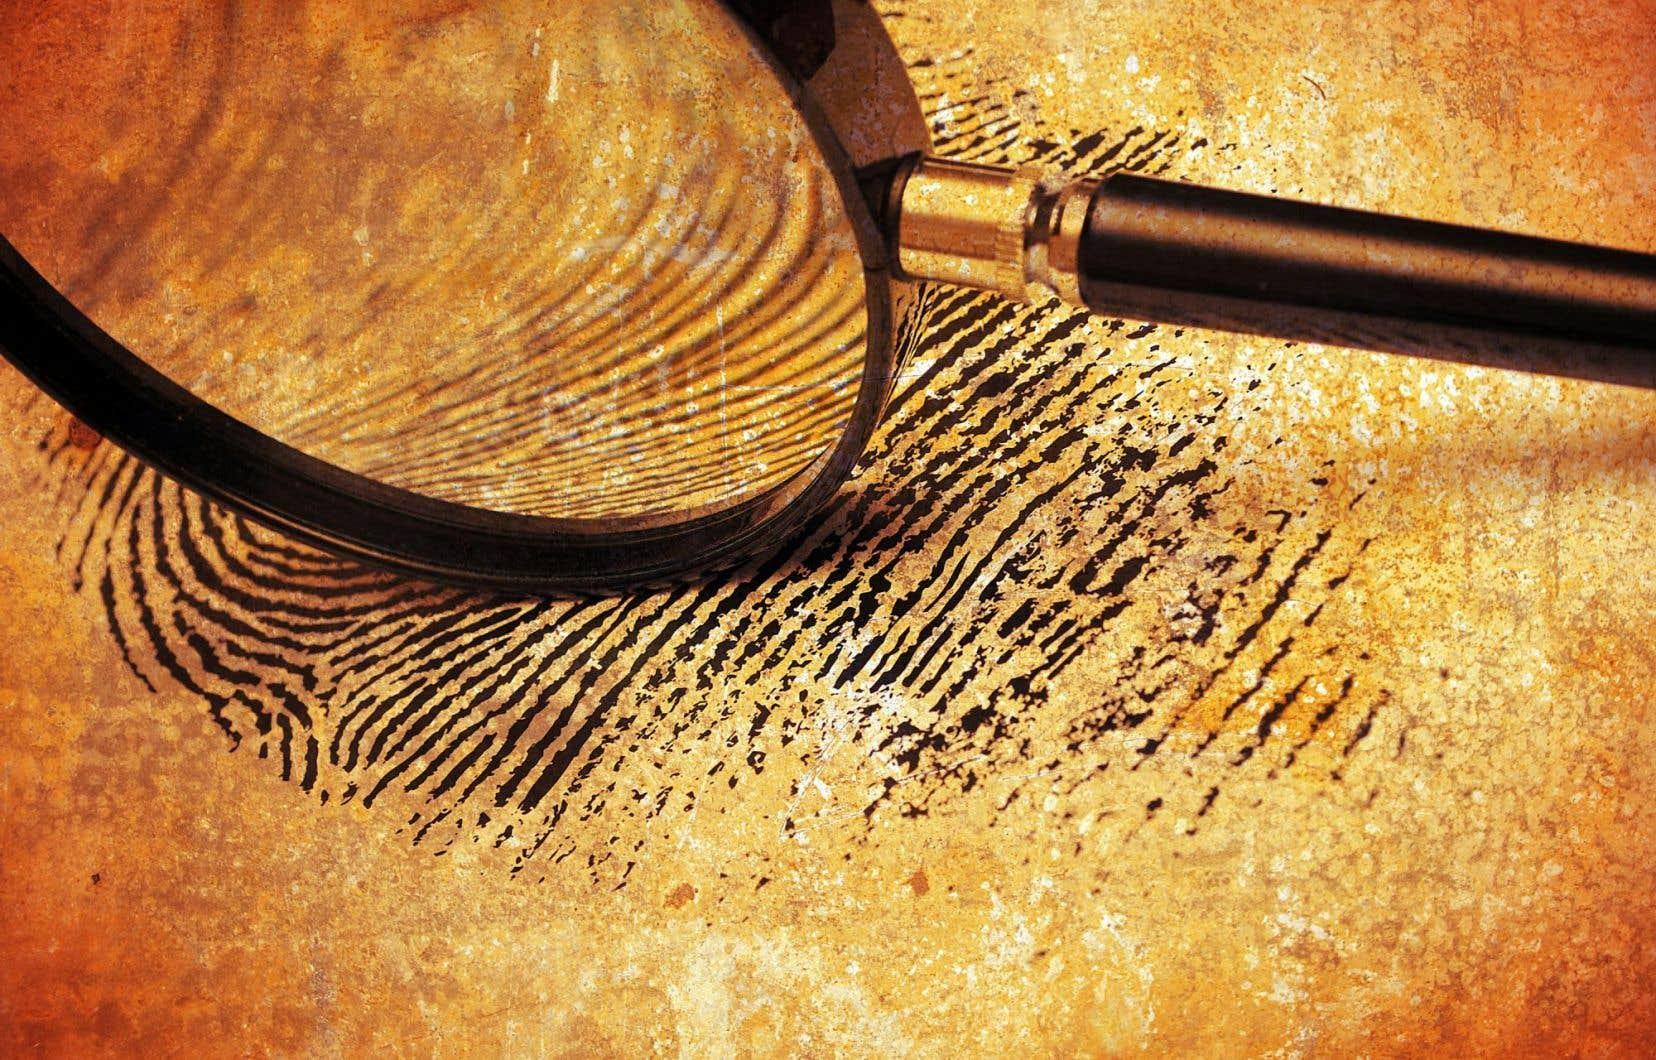 «Spontanément, les gens pensent aux empreintes digitales ou à l'analyse de l'ADN, avance François-Nicolas Pelletier, responsable des contenus scientifiques. Mais il y a une foule d'autres disciplines scientifiques, dont la botanique judiciaire, la toxicologie et l'entomologie, qui permettent aux enquêteurs de tirer des conclusions.»